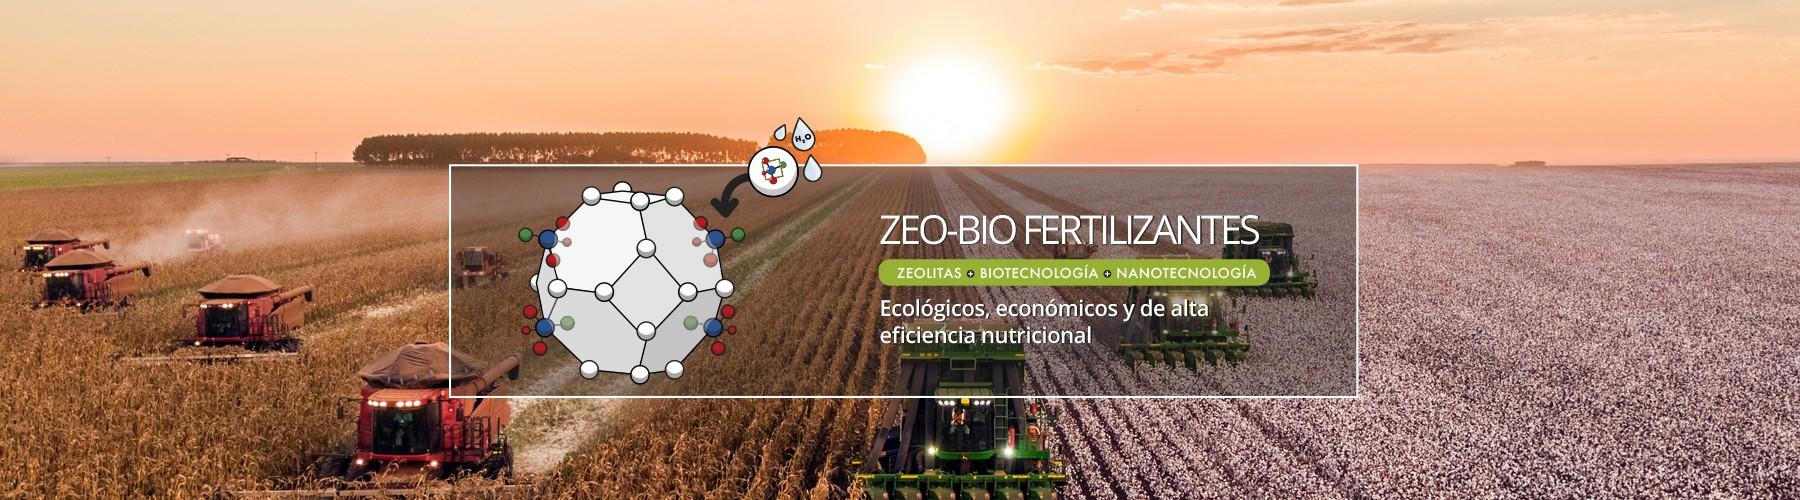 ZEO-BIO FERTILIZANTES Zeolitas Inagrosa